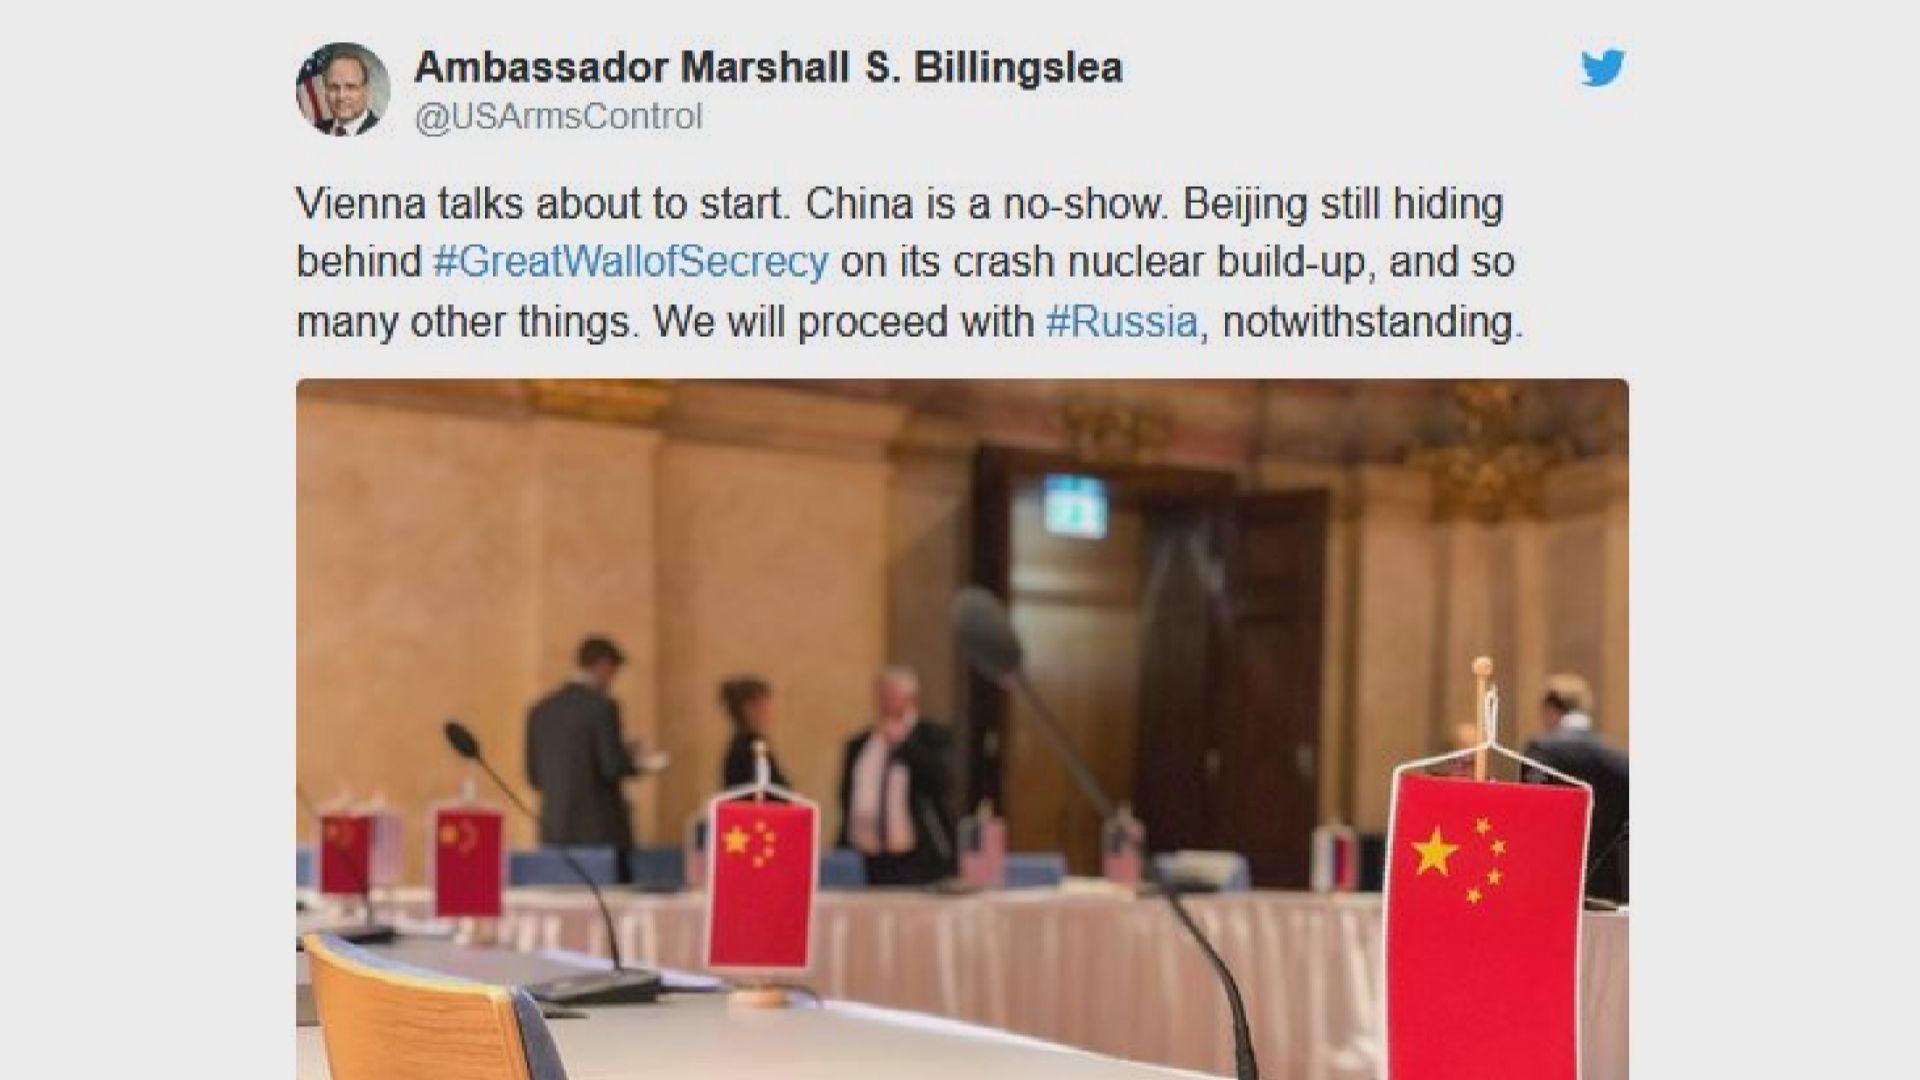 【環球薈報】中國缺席限武談判引發中美Twitter戰